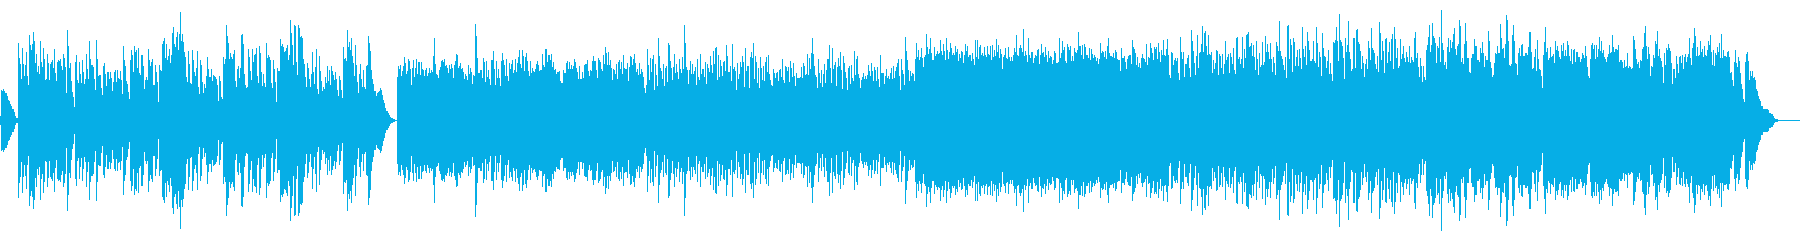 調子の良い鍛冶屋/G.F.ヘンデルの再生済みの波形